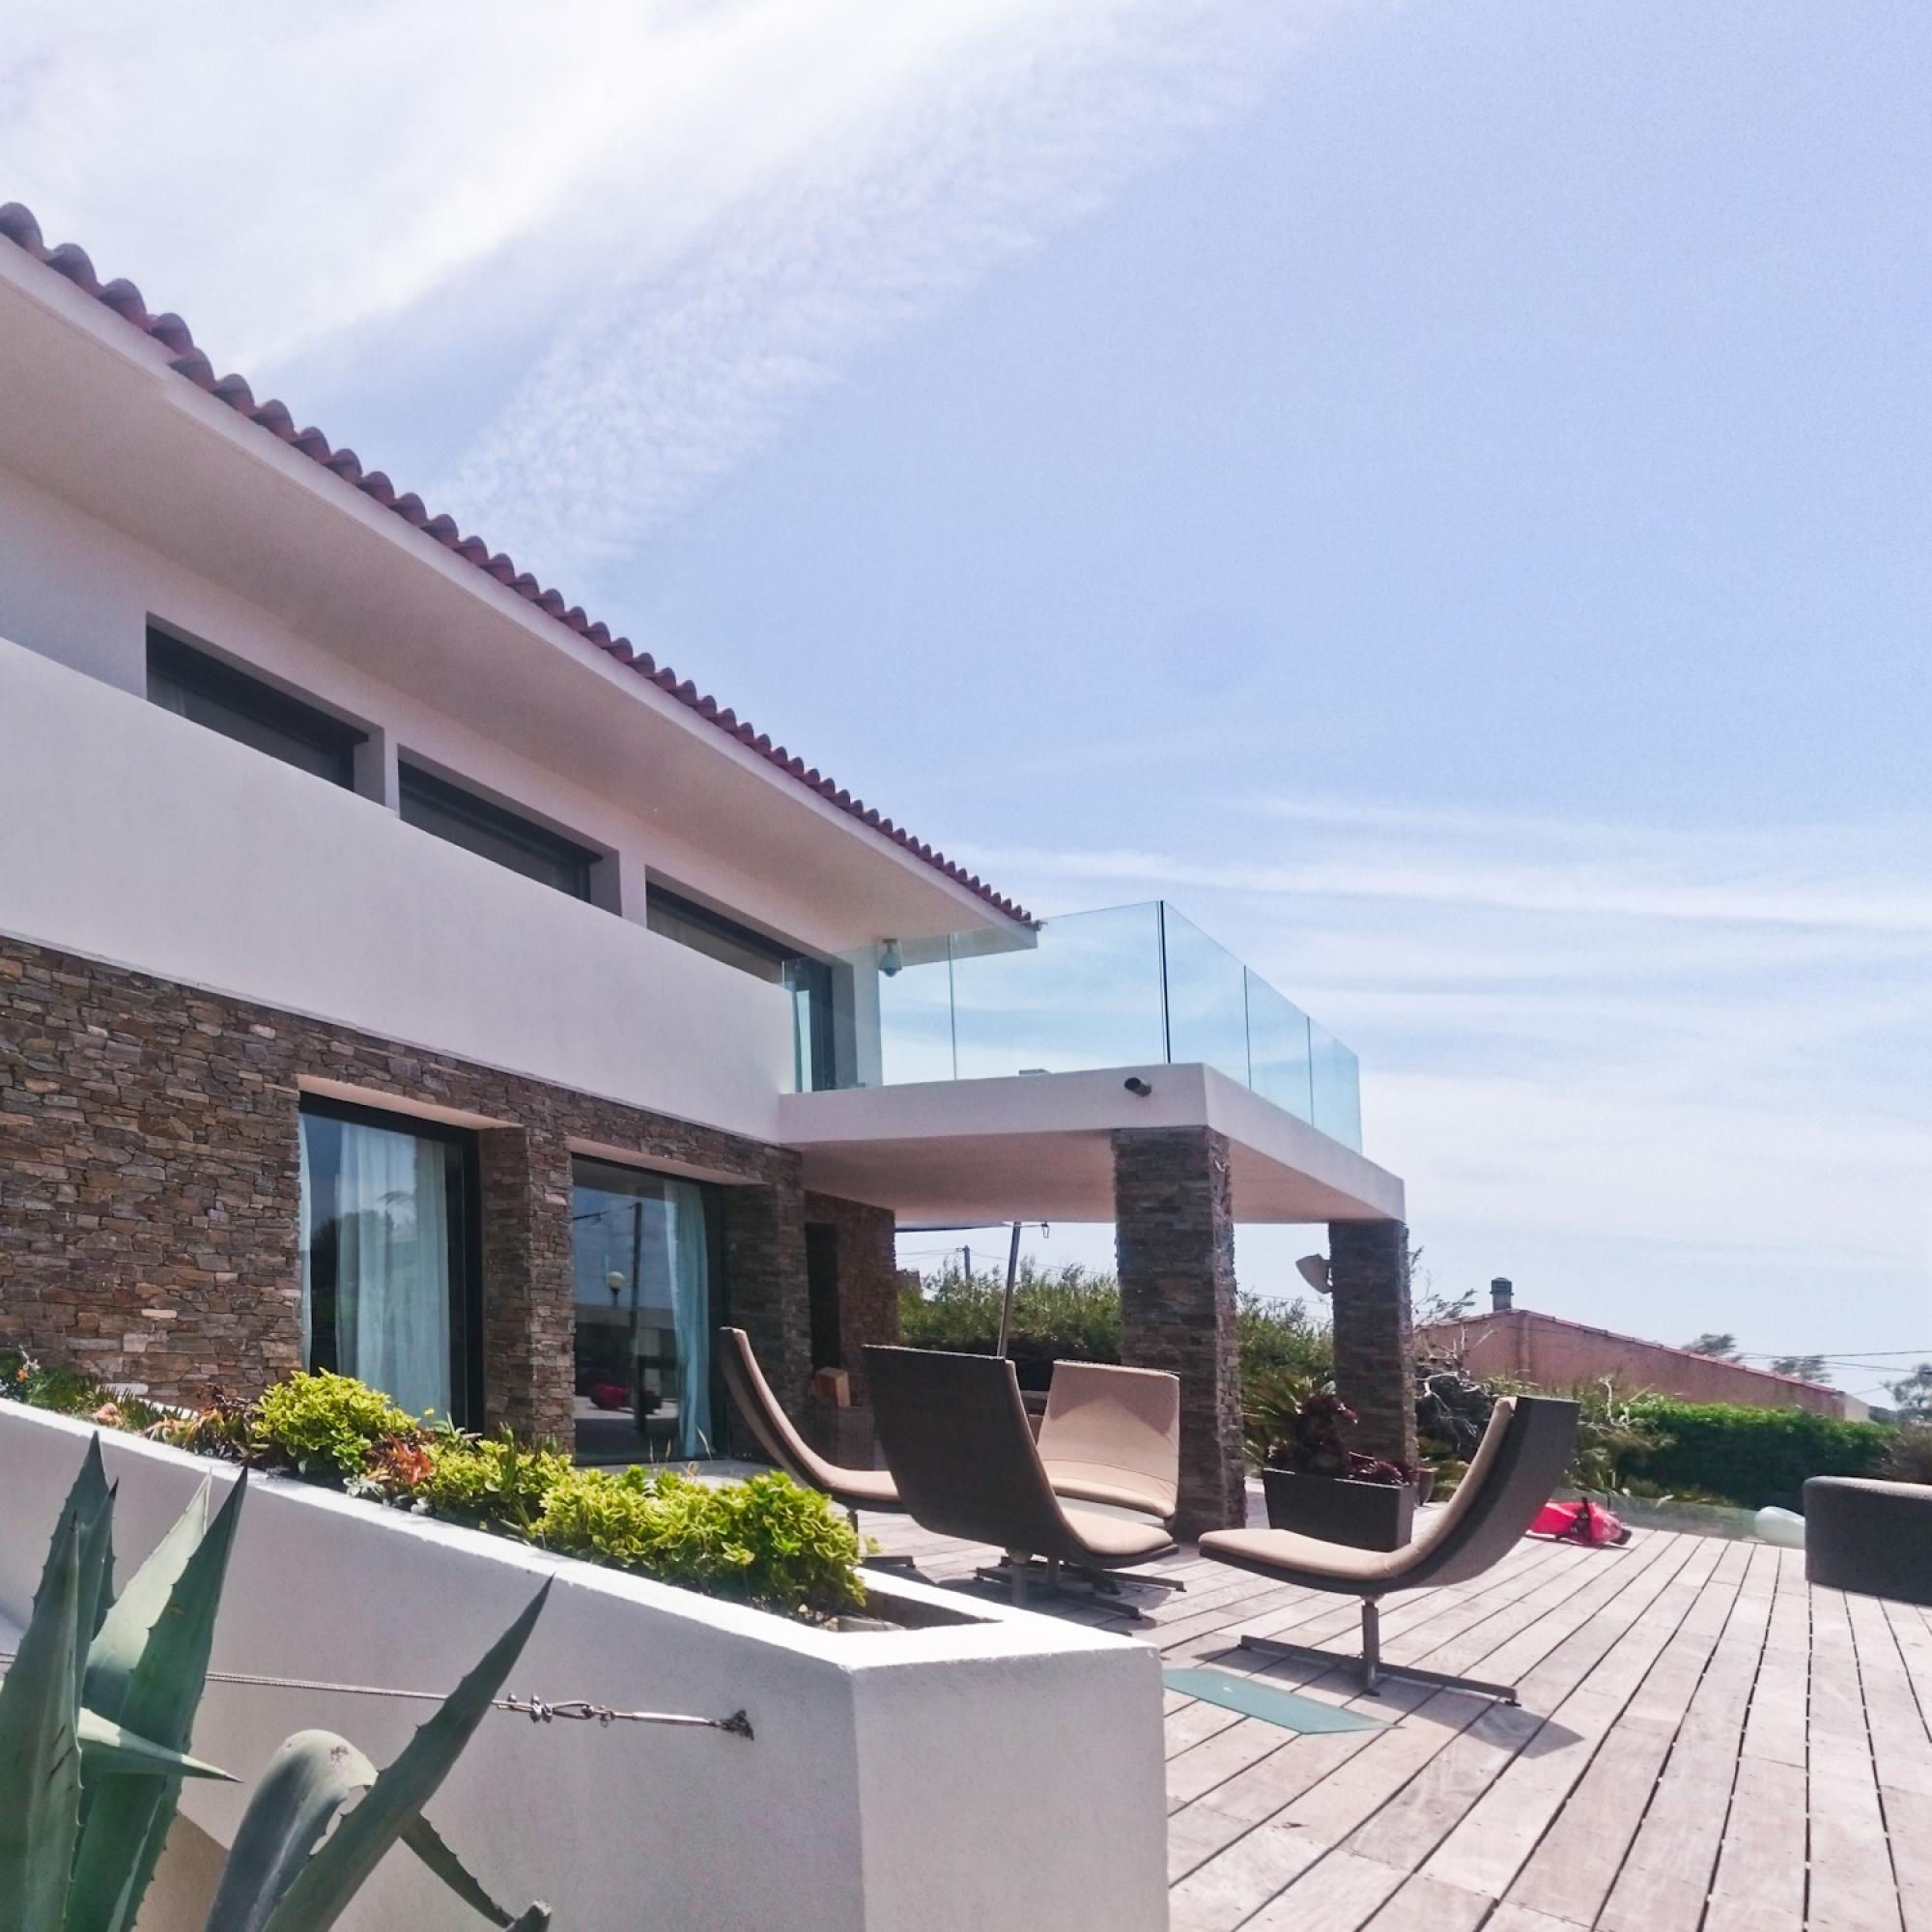 Façades et terrasse : décoration chaux et parements pierre